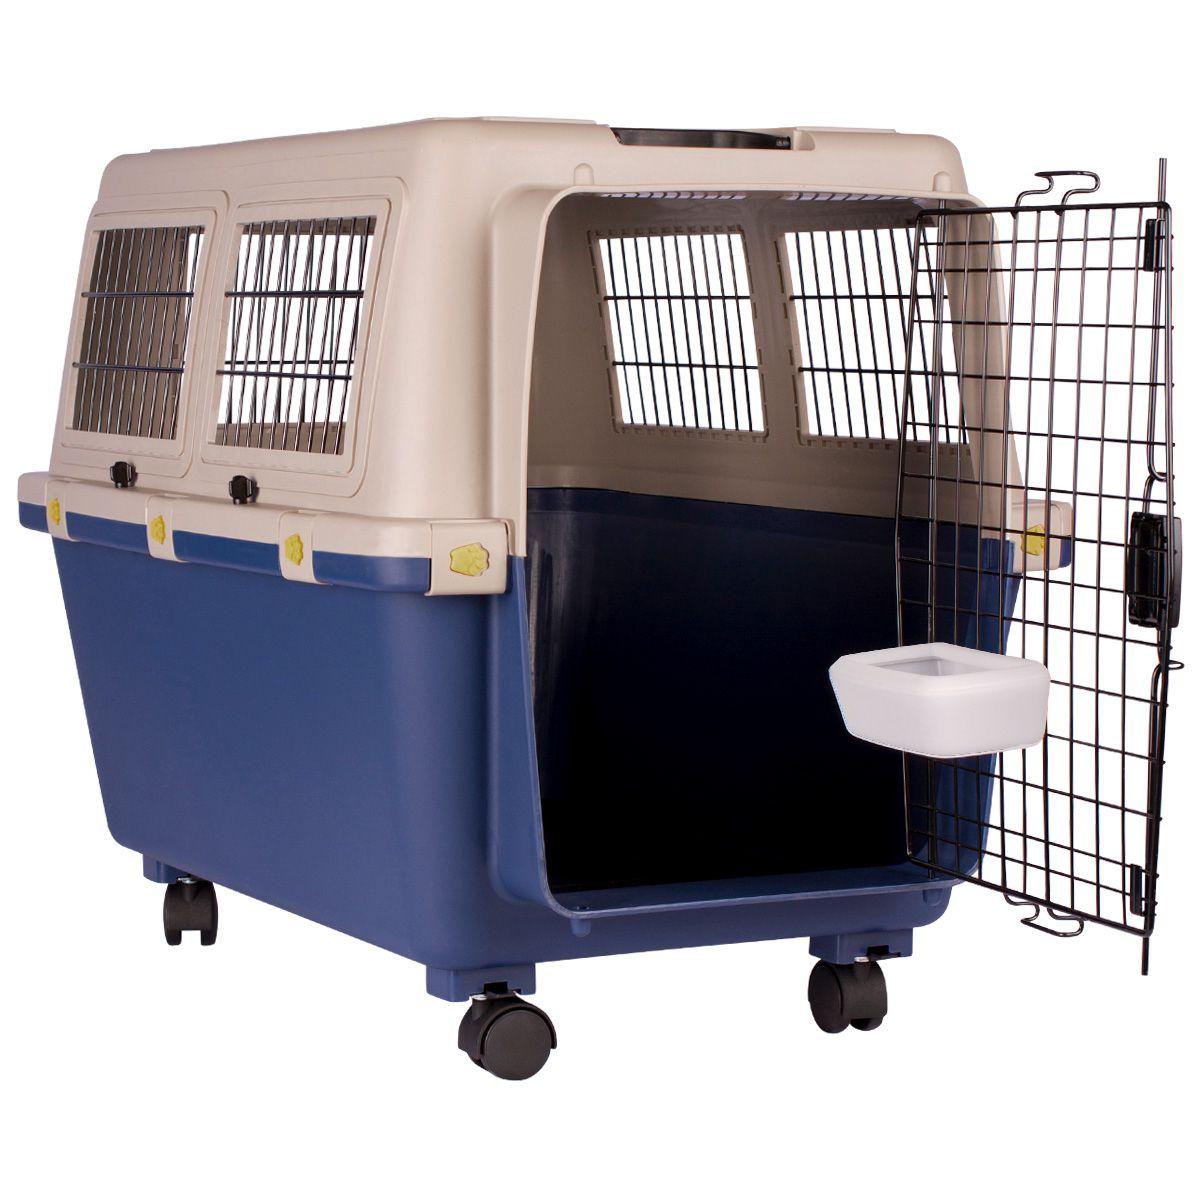 Caixa de Transporte Dog Fly modelo IATA Tamanho 5 N5